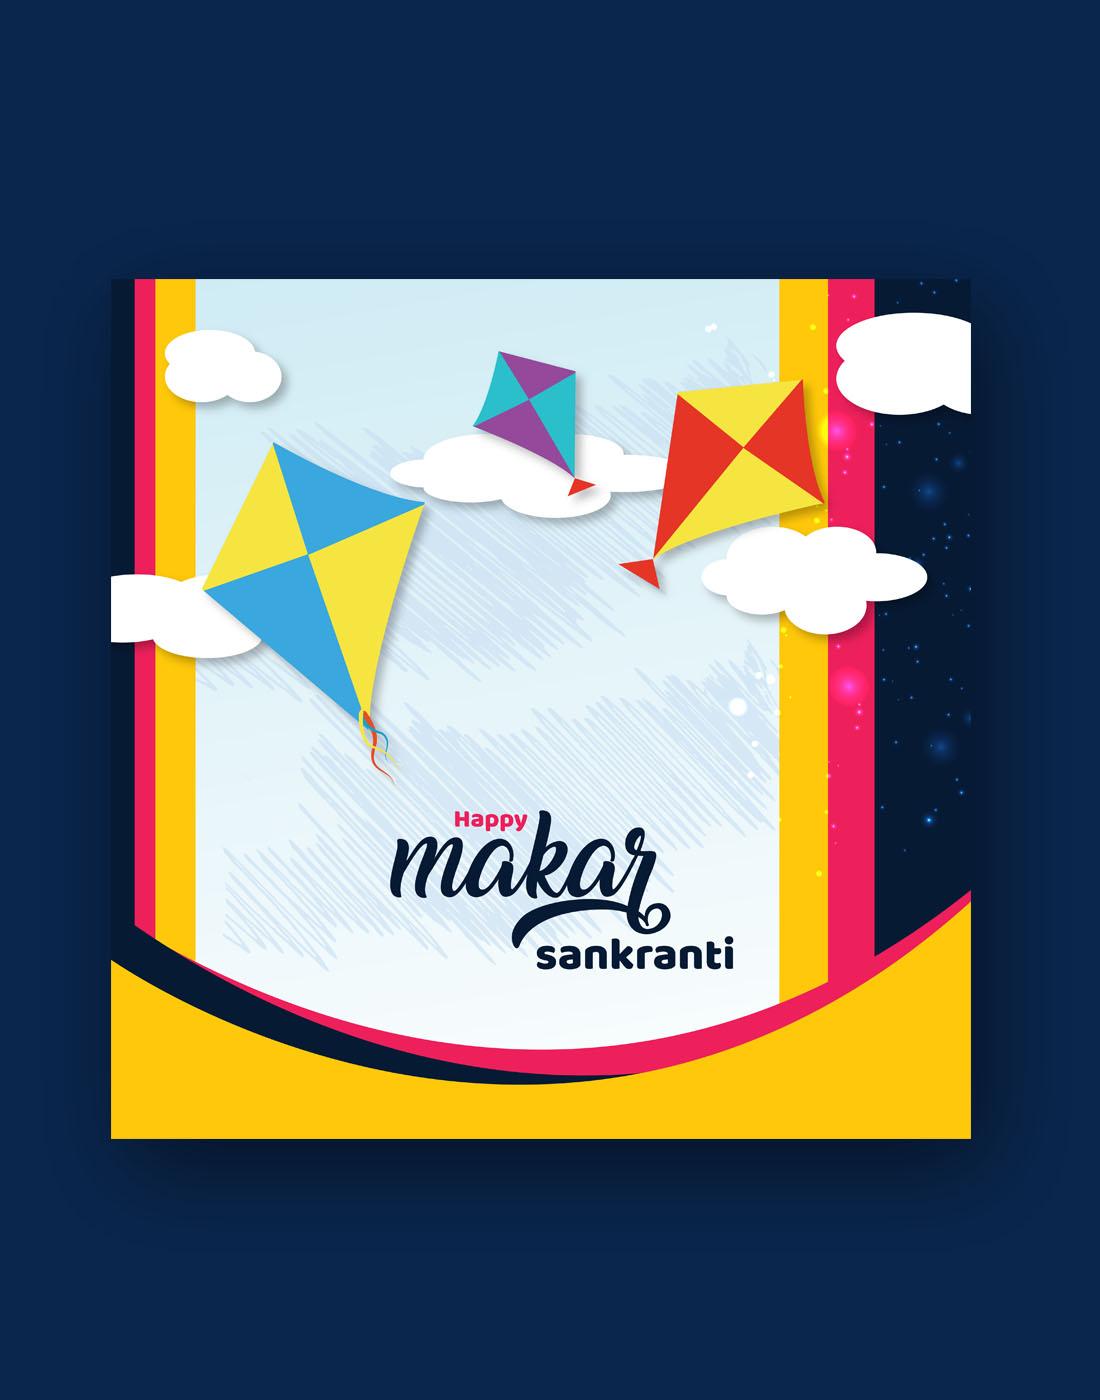 makar-sankranti-vector